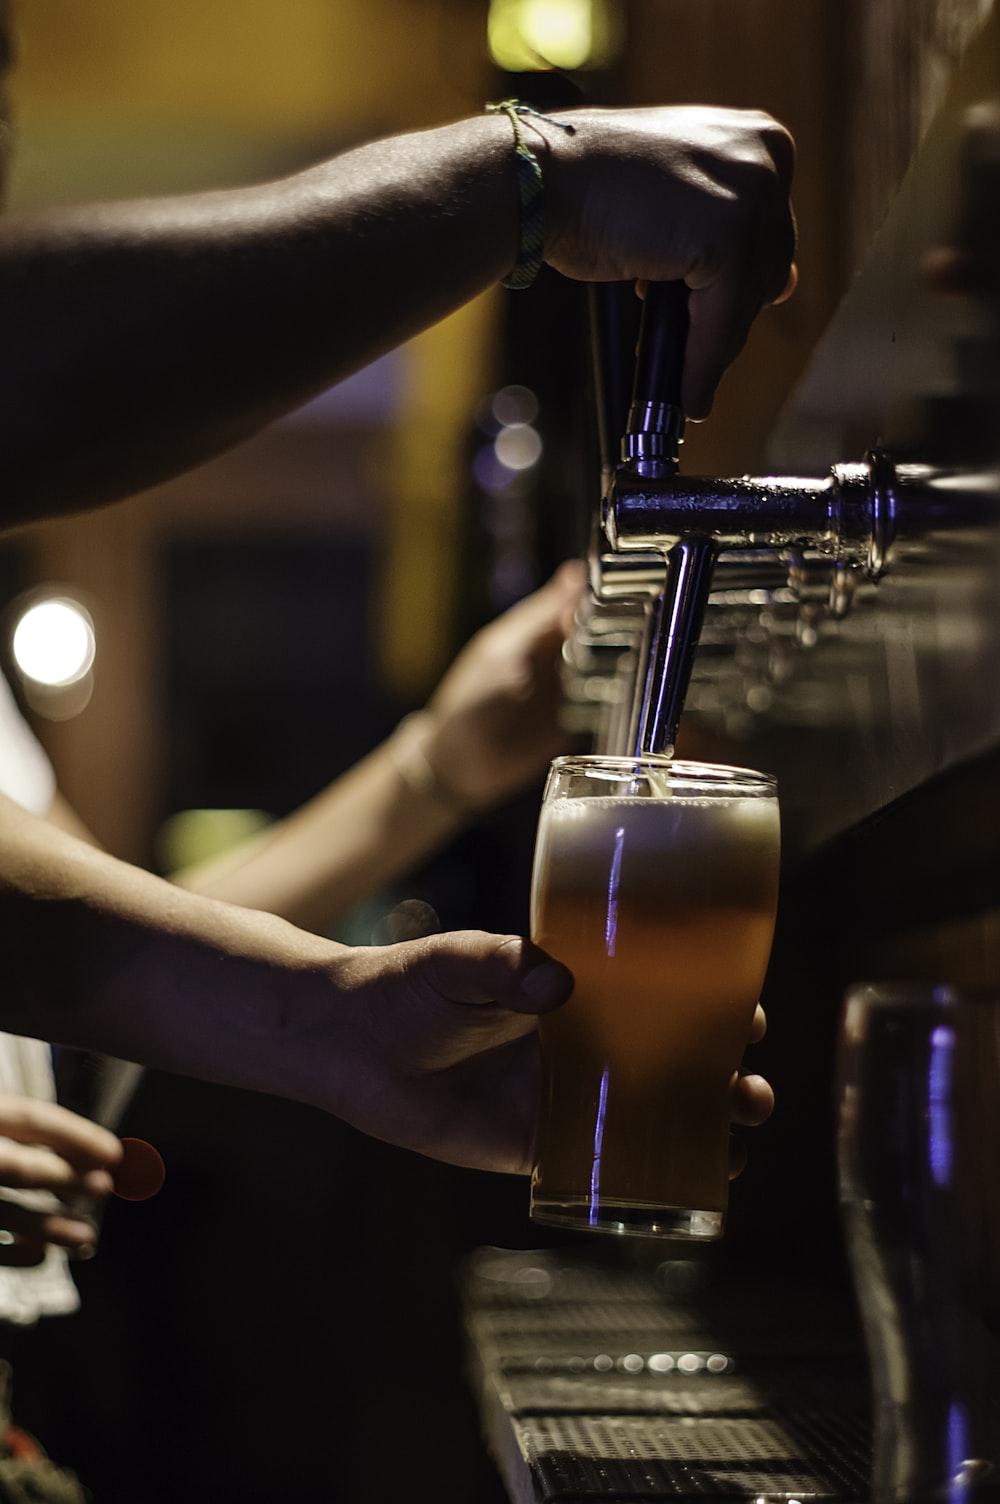 Best 20 Beer Images Download Free Images On Unsplash